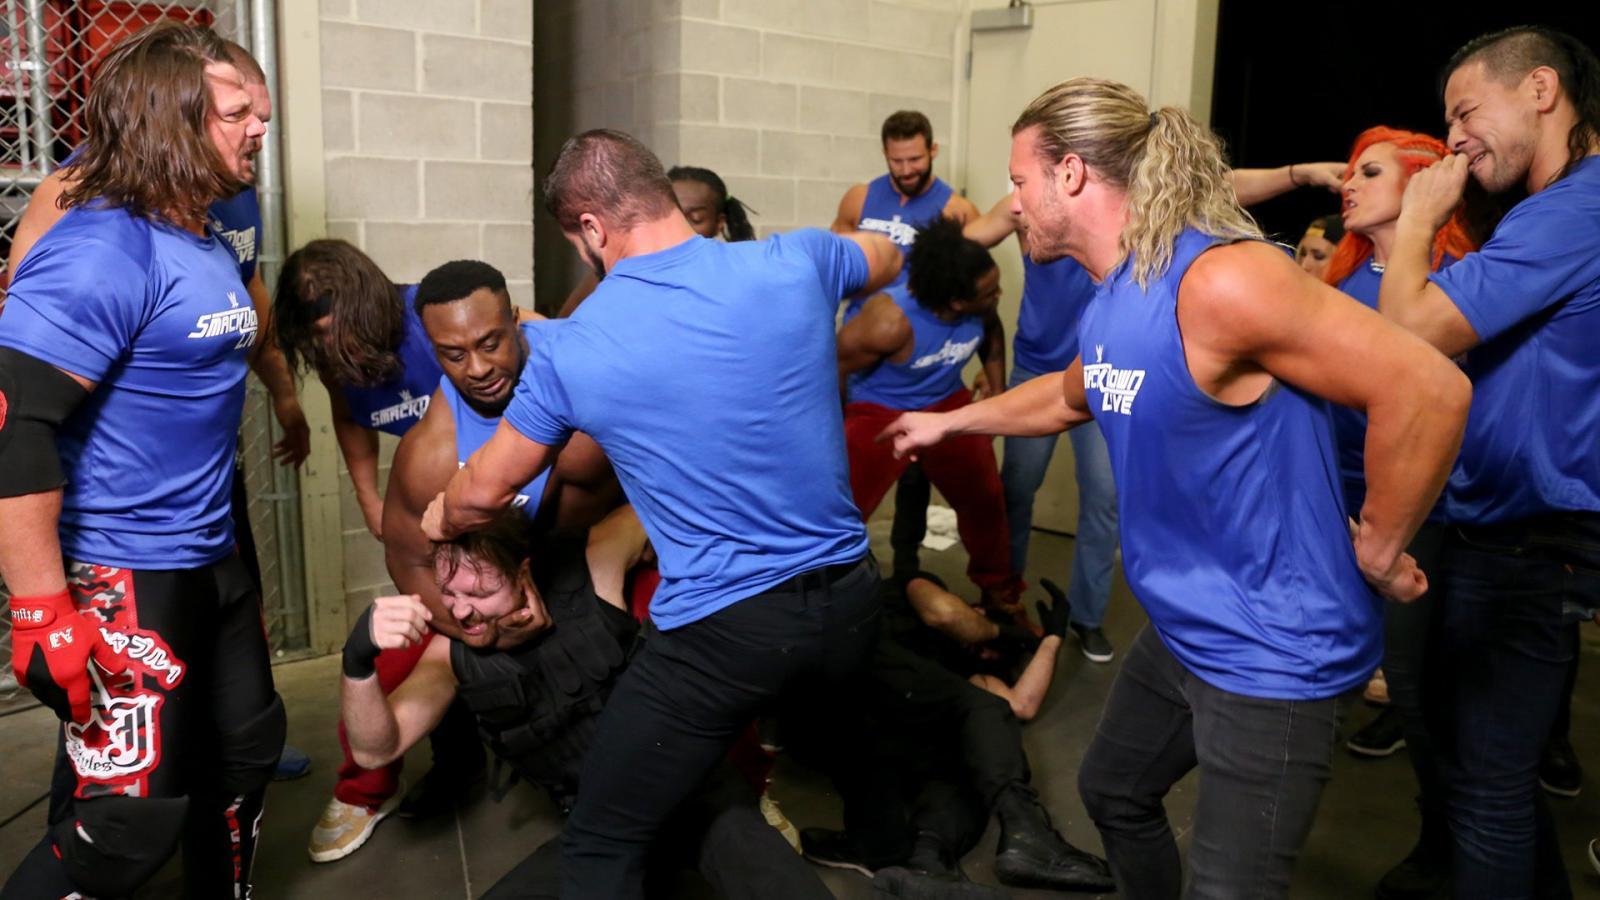 स्मैकडाउन के रेस्लरो ने रॉ के रेस्लरो पर हमला होने के बाद WWE सुपरस्टार्स ने कुछ इस तरह दी अपनी प्रतिक्रिया 24